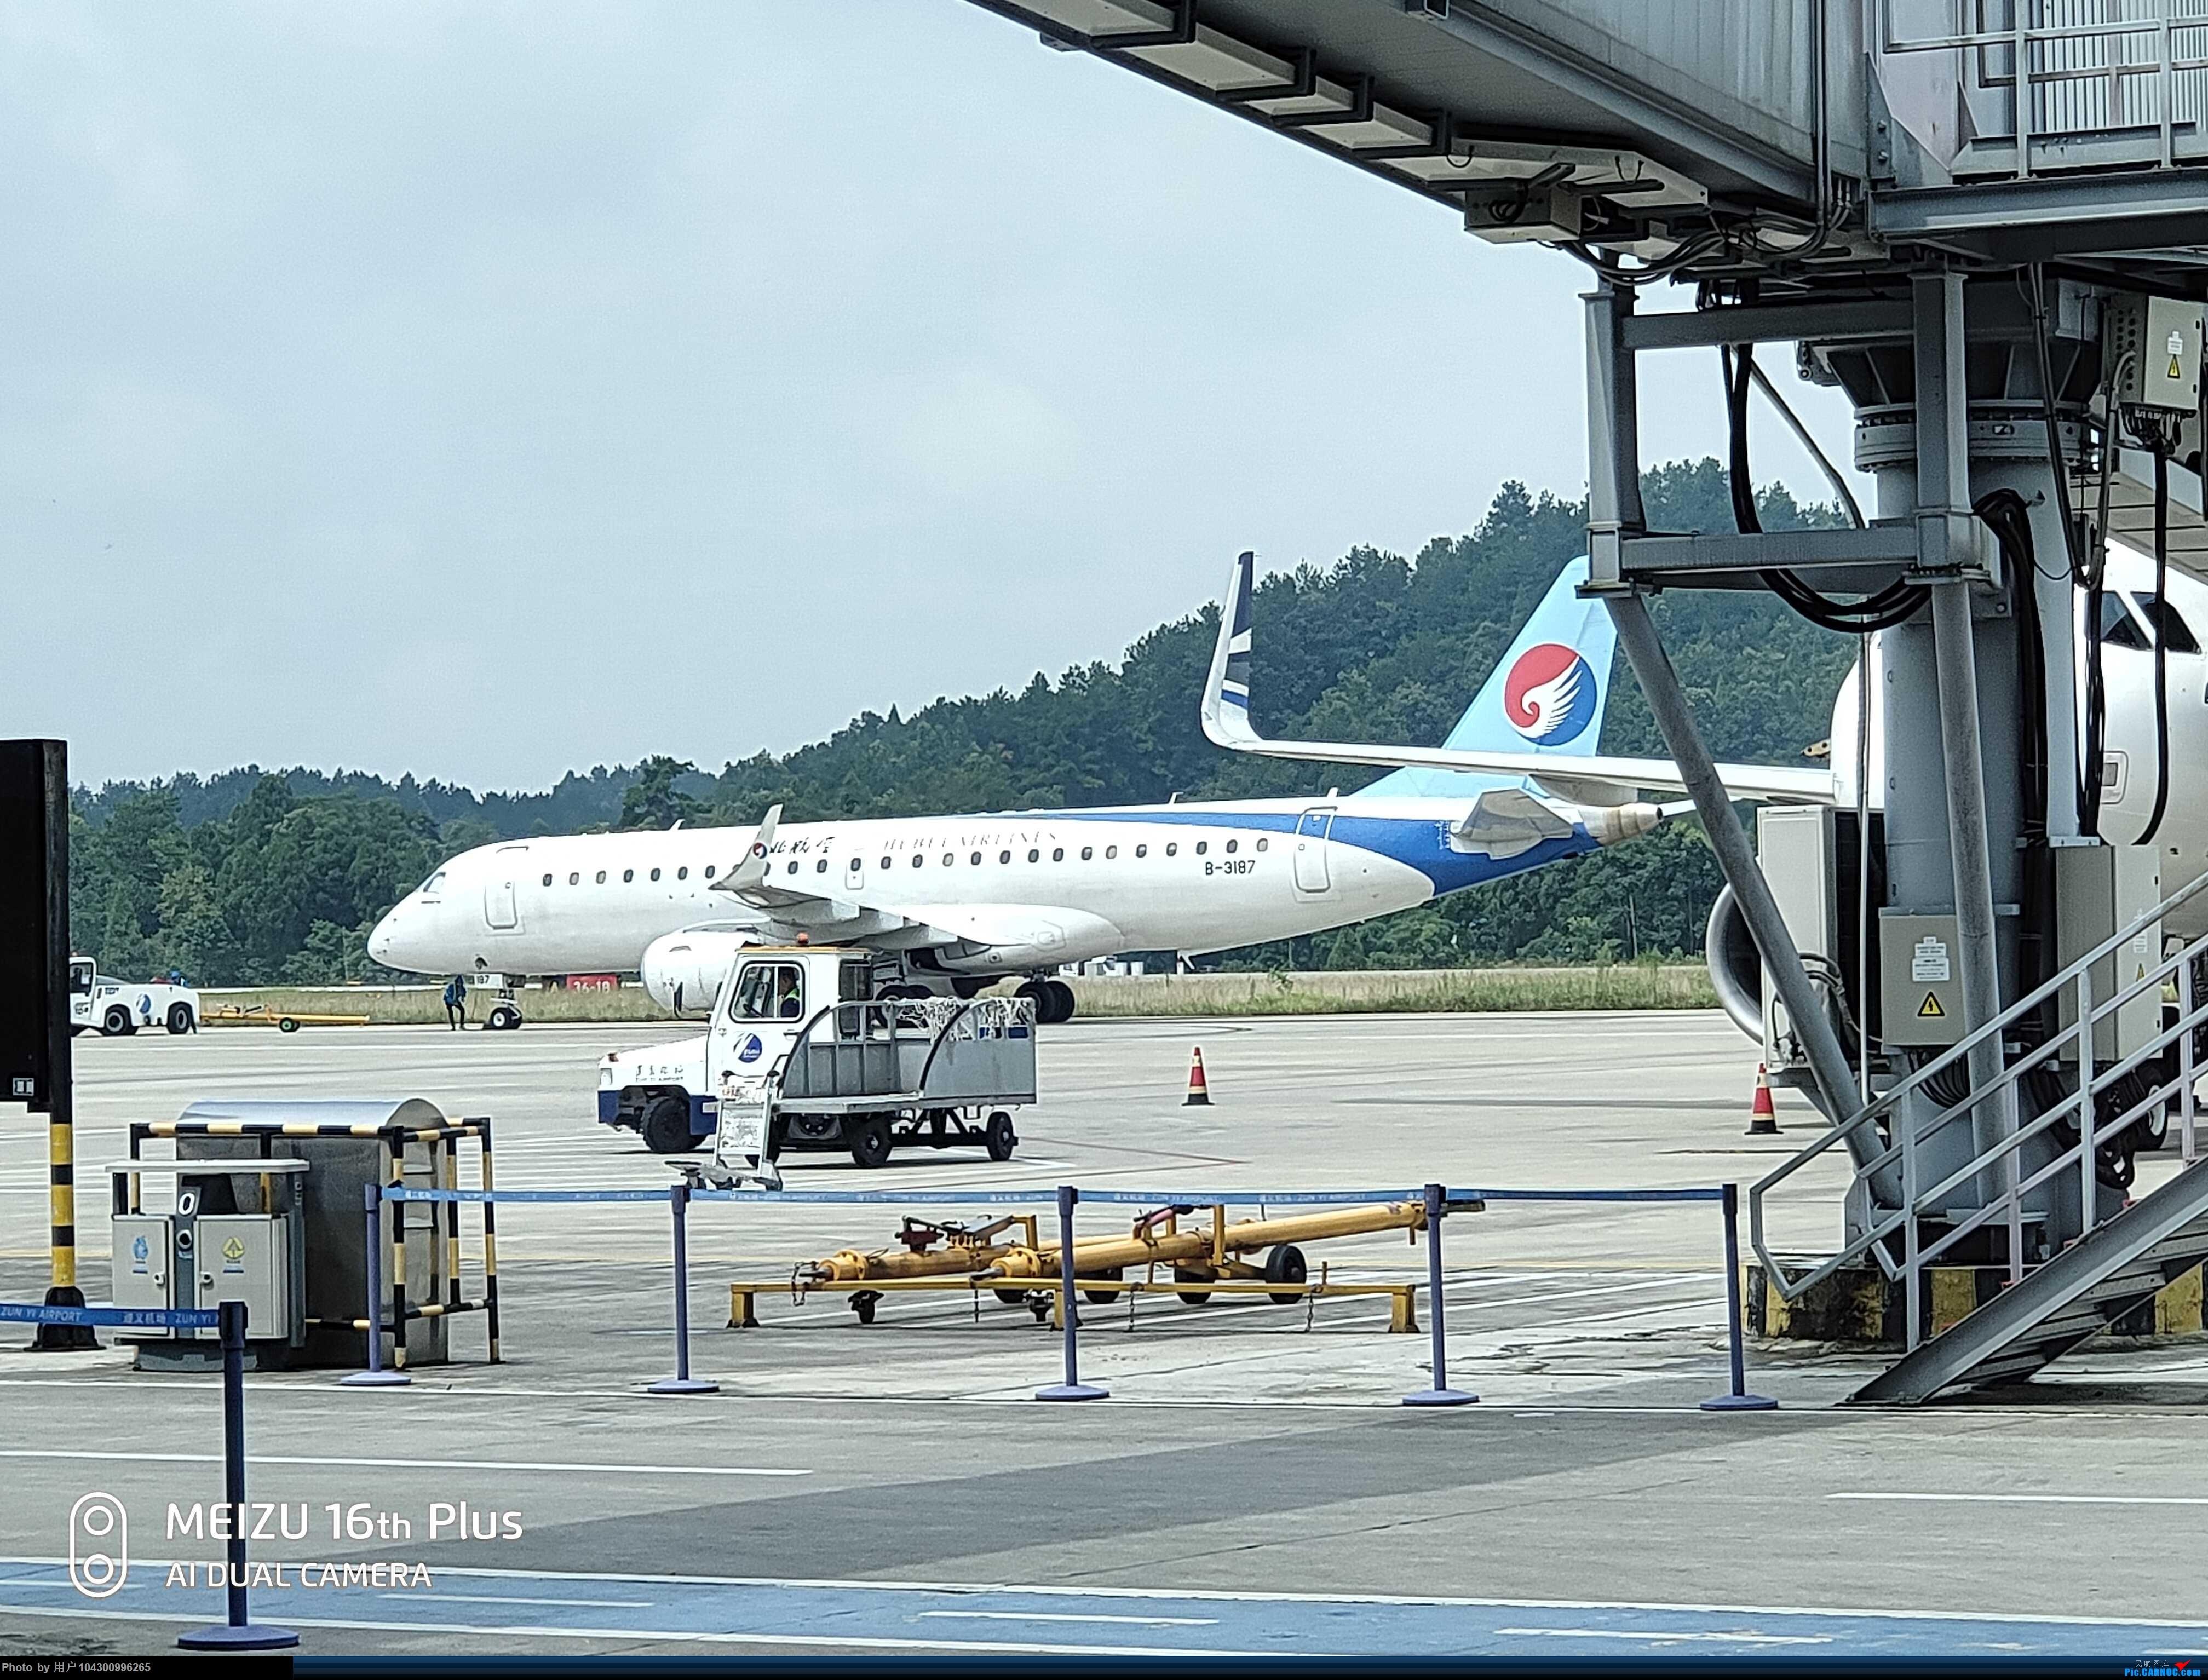 Re:[原创]DM游记之FU遵义--桂林 EMBRAER E-190 B-3187 中国遵义新舟机场